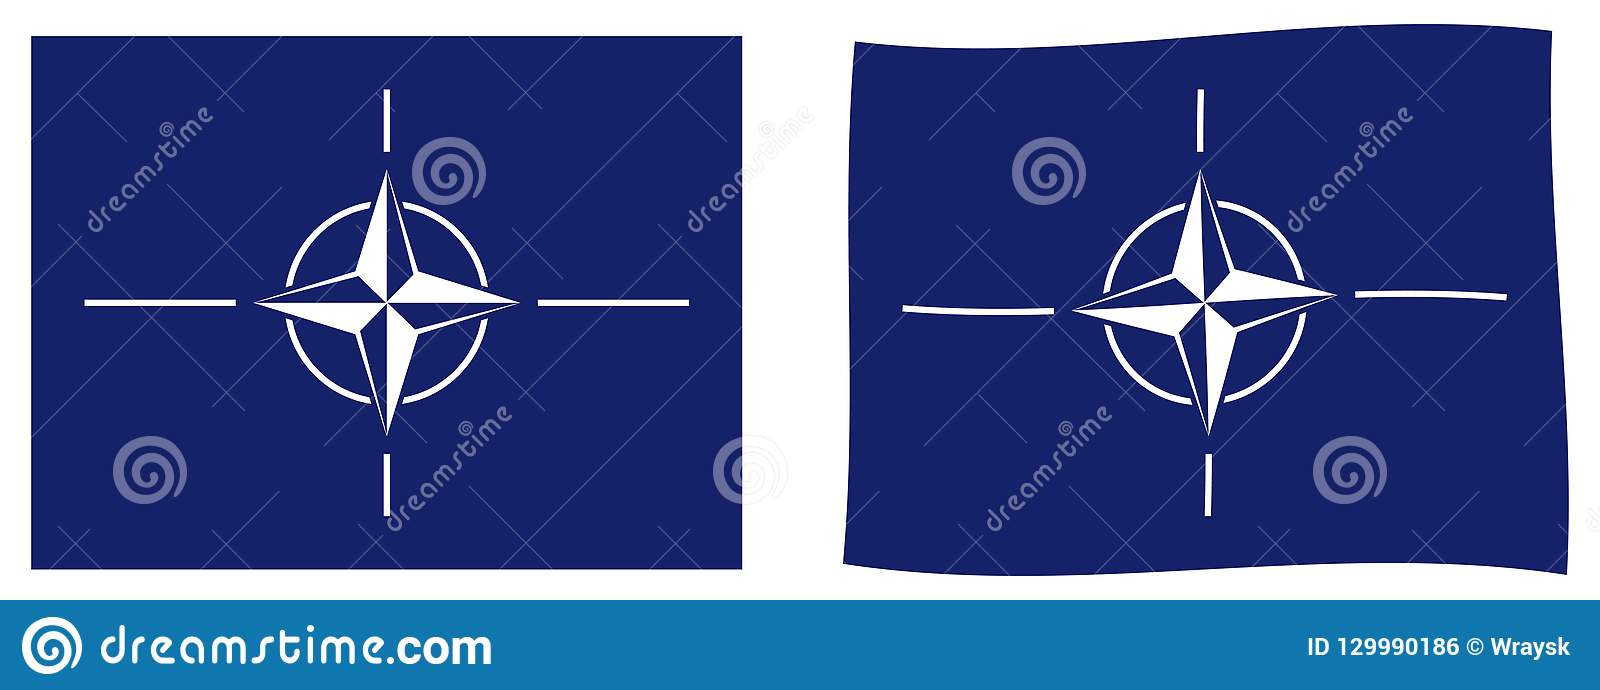 Bandera de la OTAN de la Organización del Tratado del Atlántico Norte Simple y sligh